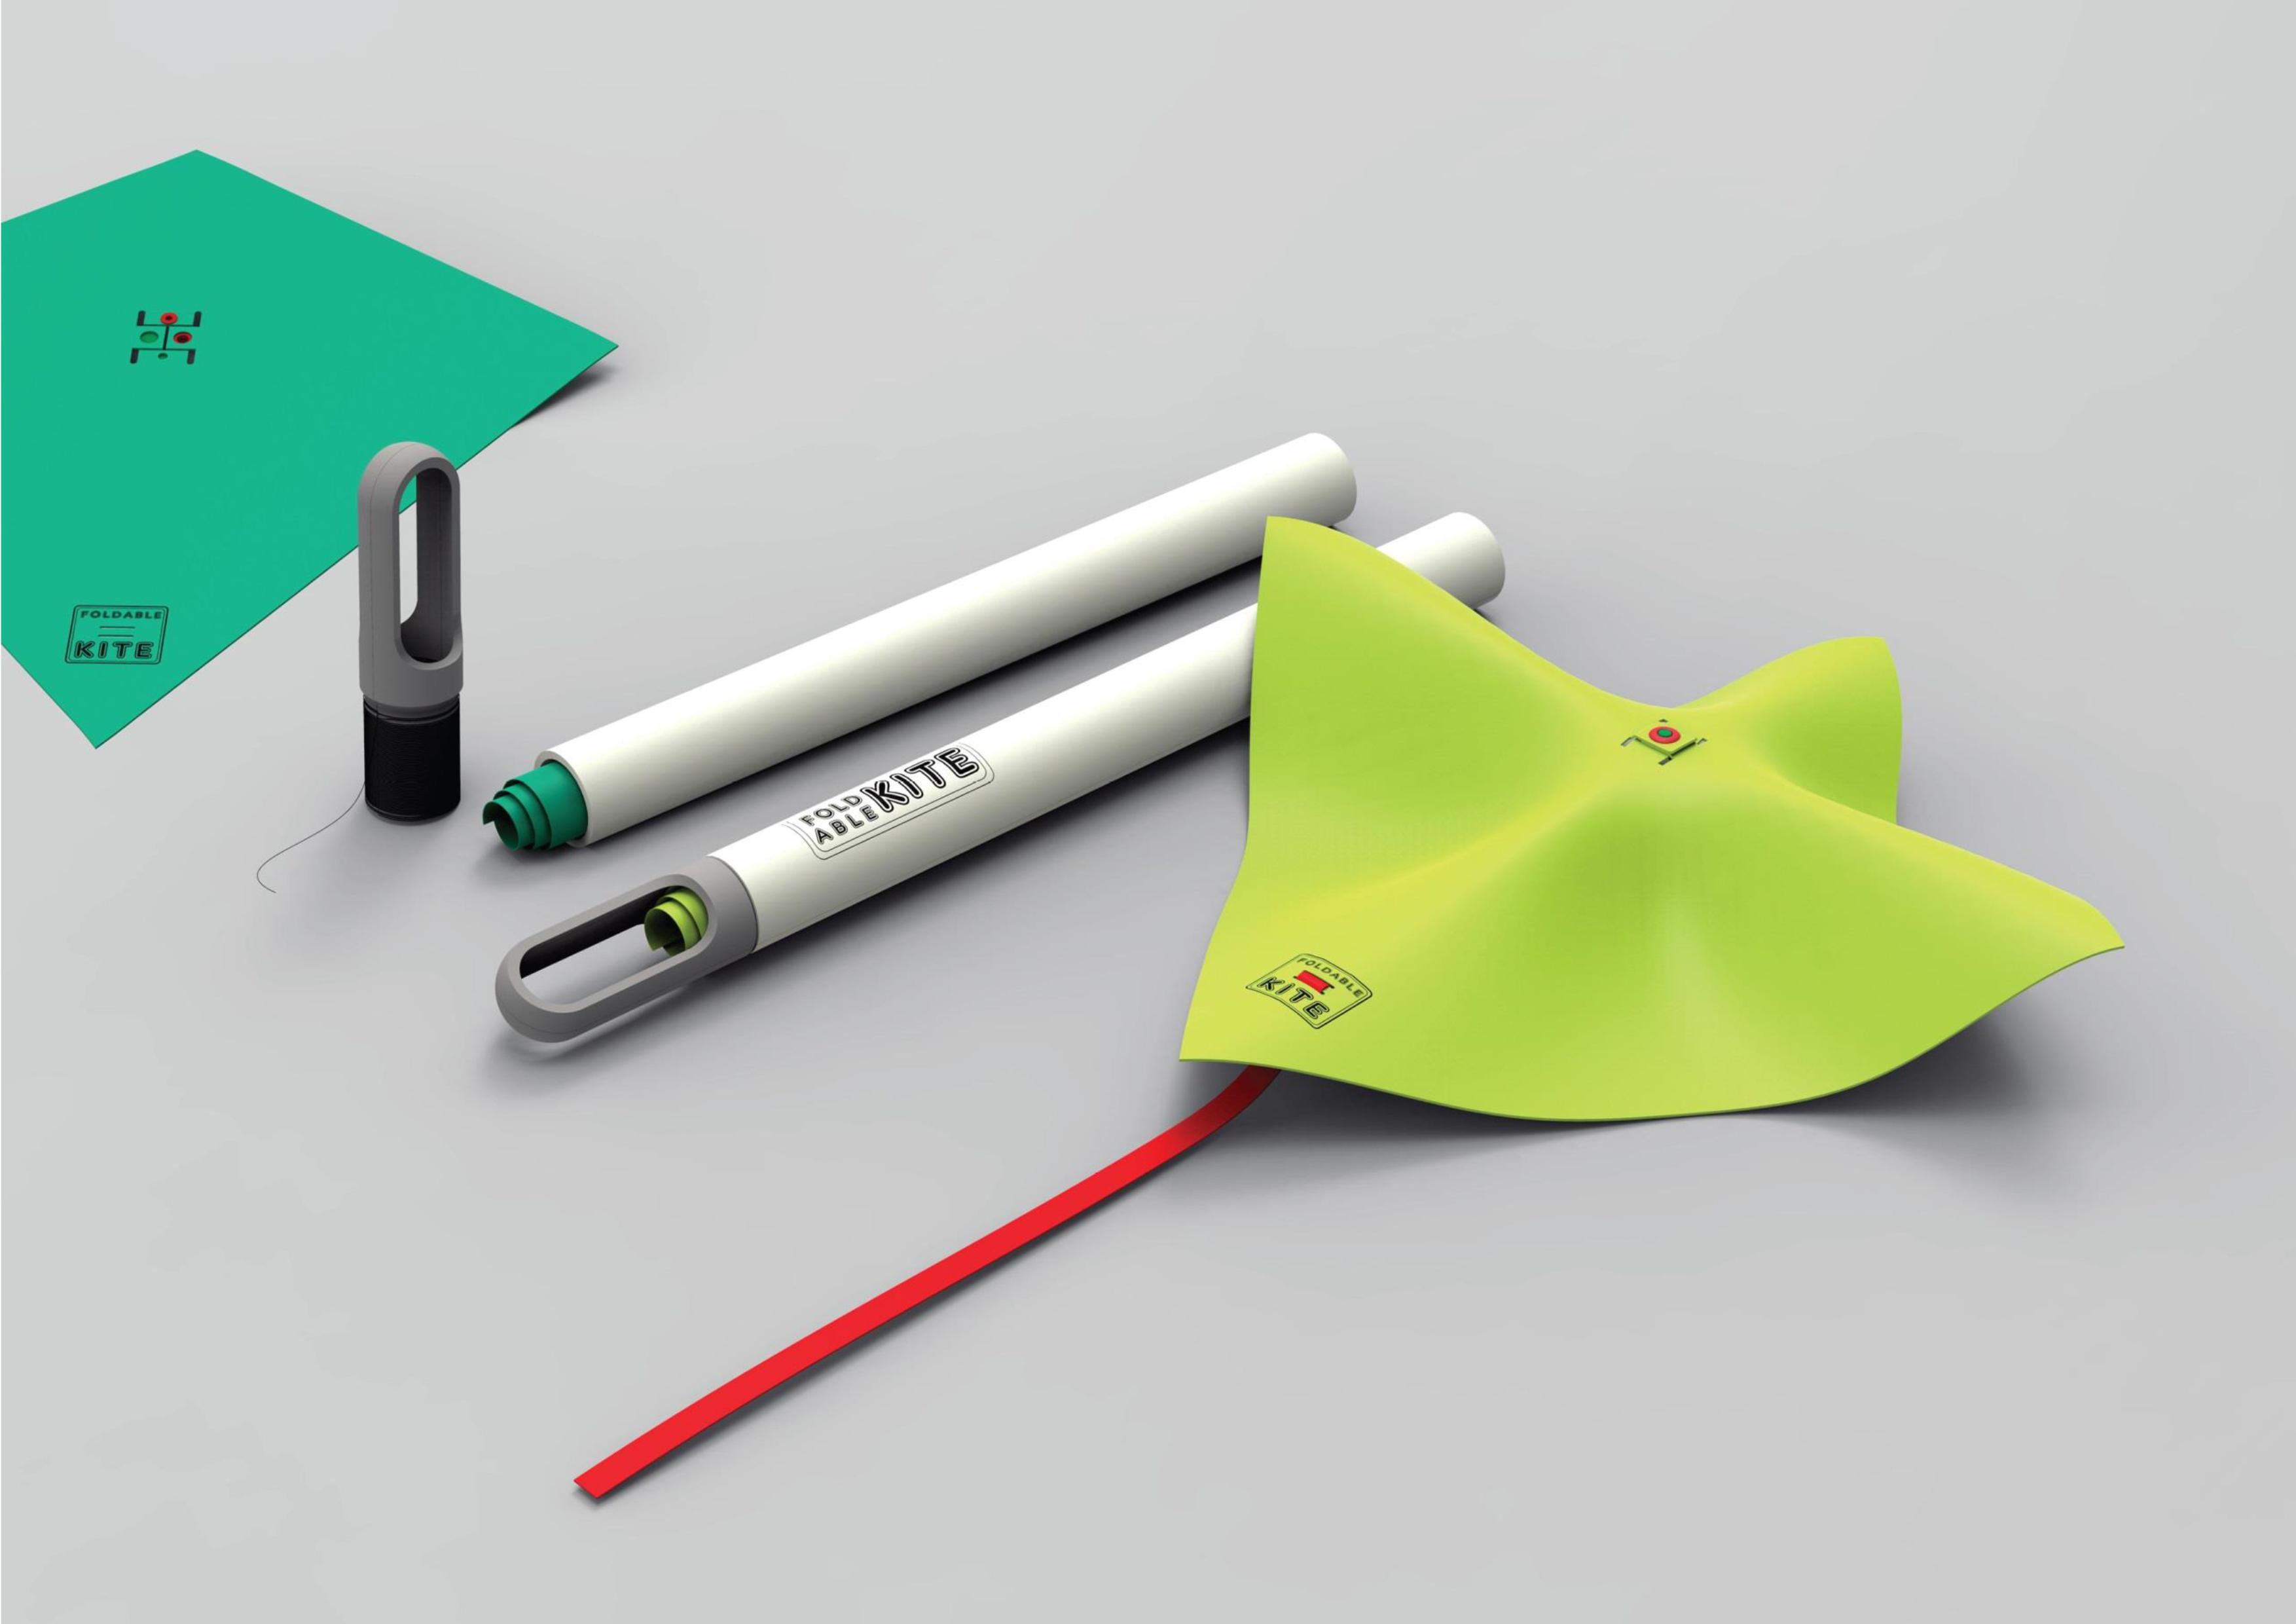 kite render.jpg